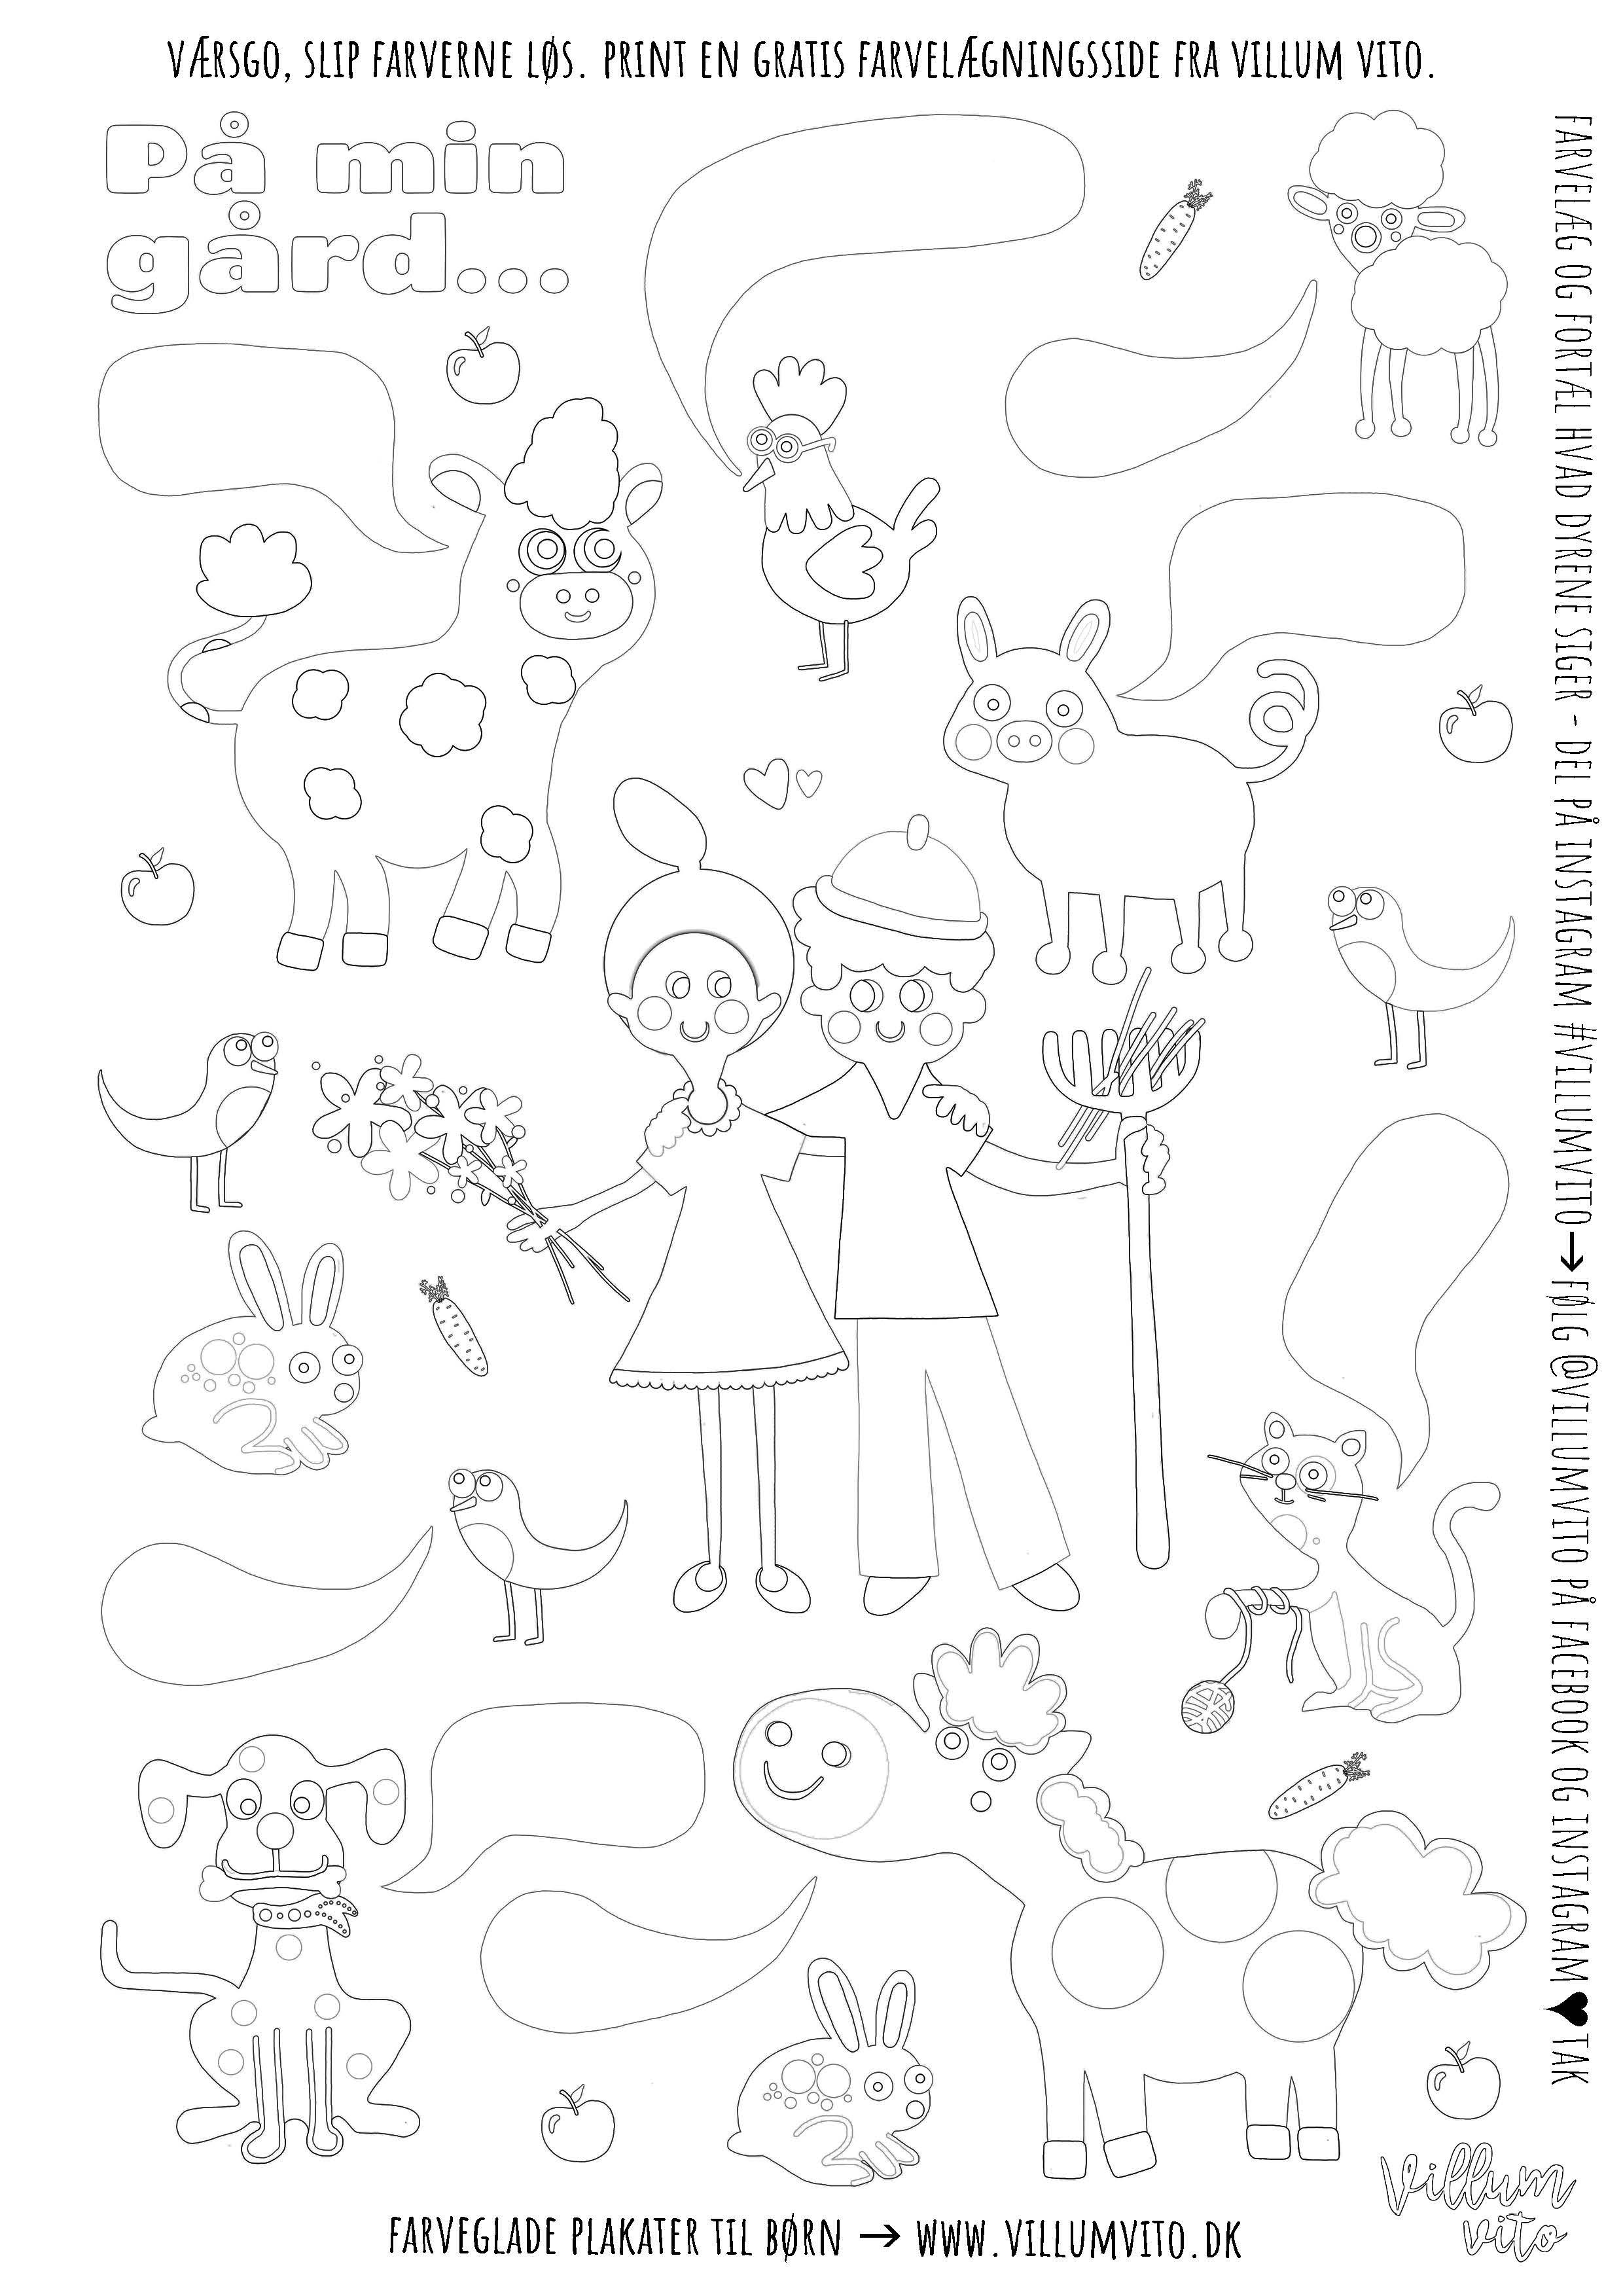 Farvelægningsside til børn fra Villum Vito. Print selv gratis malebogsside.